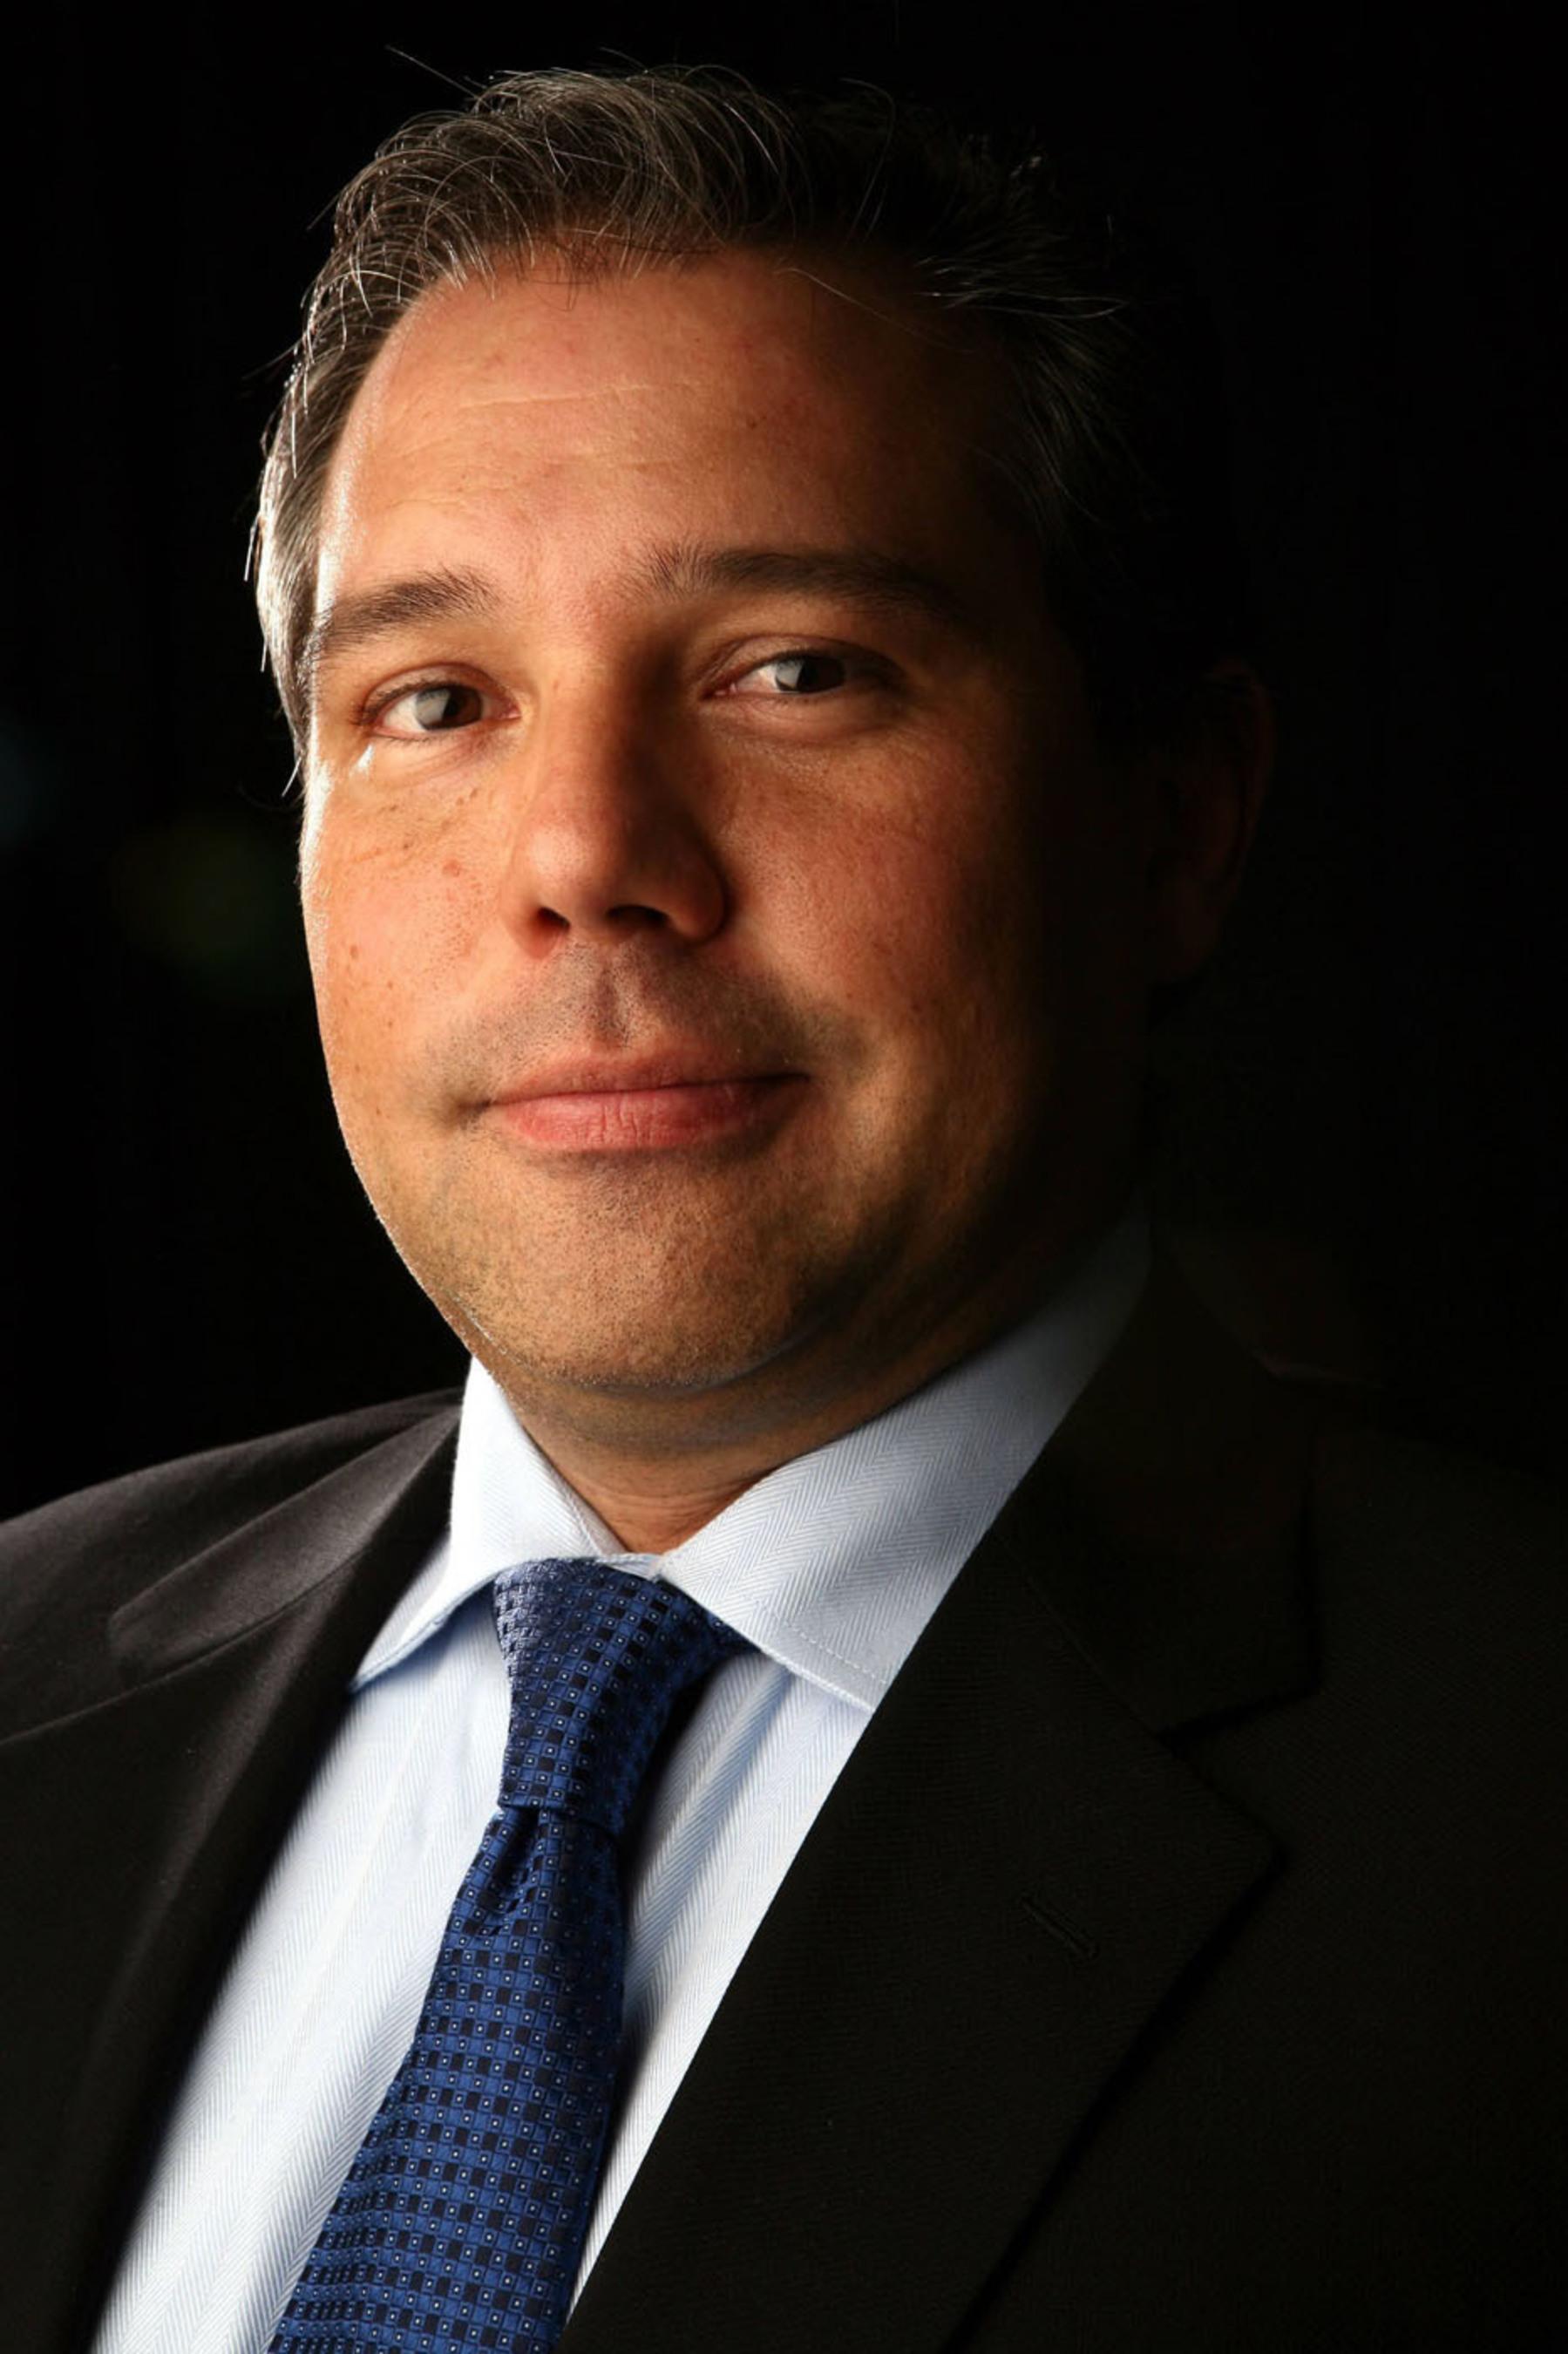 Manny Santos, Director, Multicultural Sales, PR Newswire/MultiVu, to speak at LATISM 2013. (PRNewsFoto/PR Newswire Association LLC)